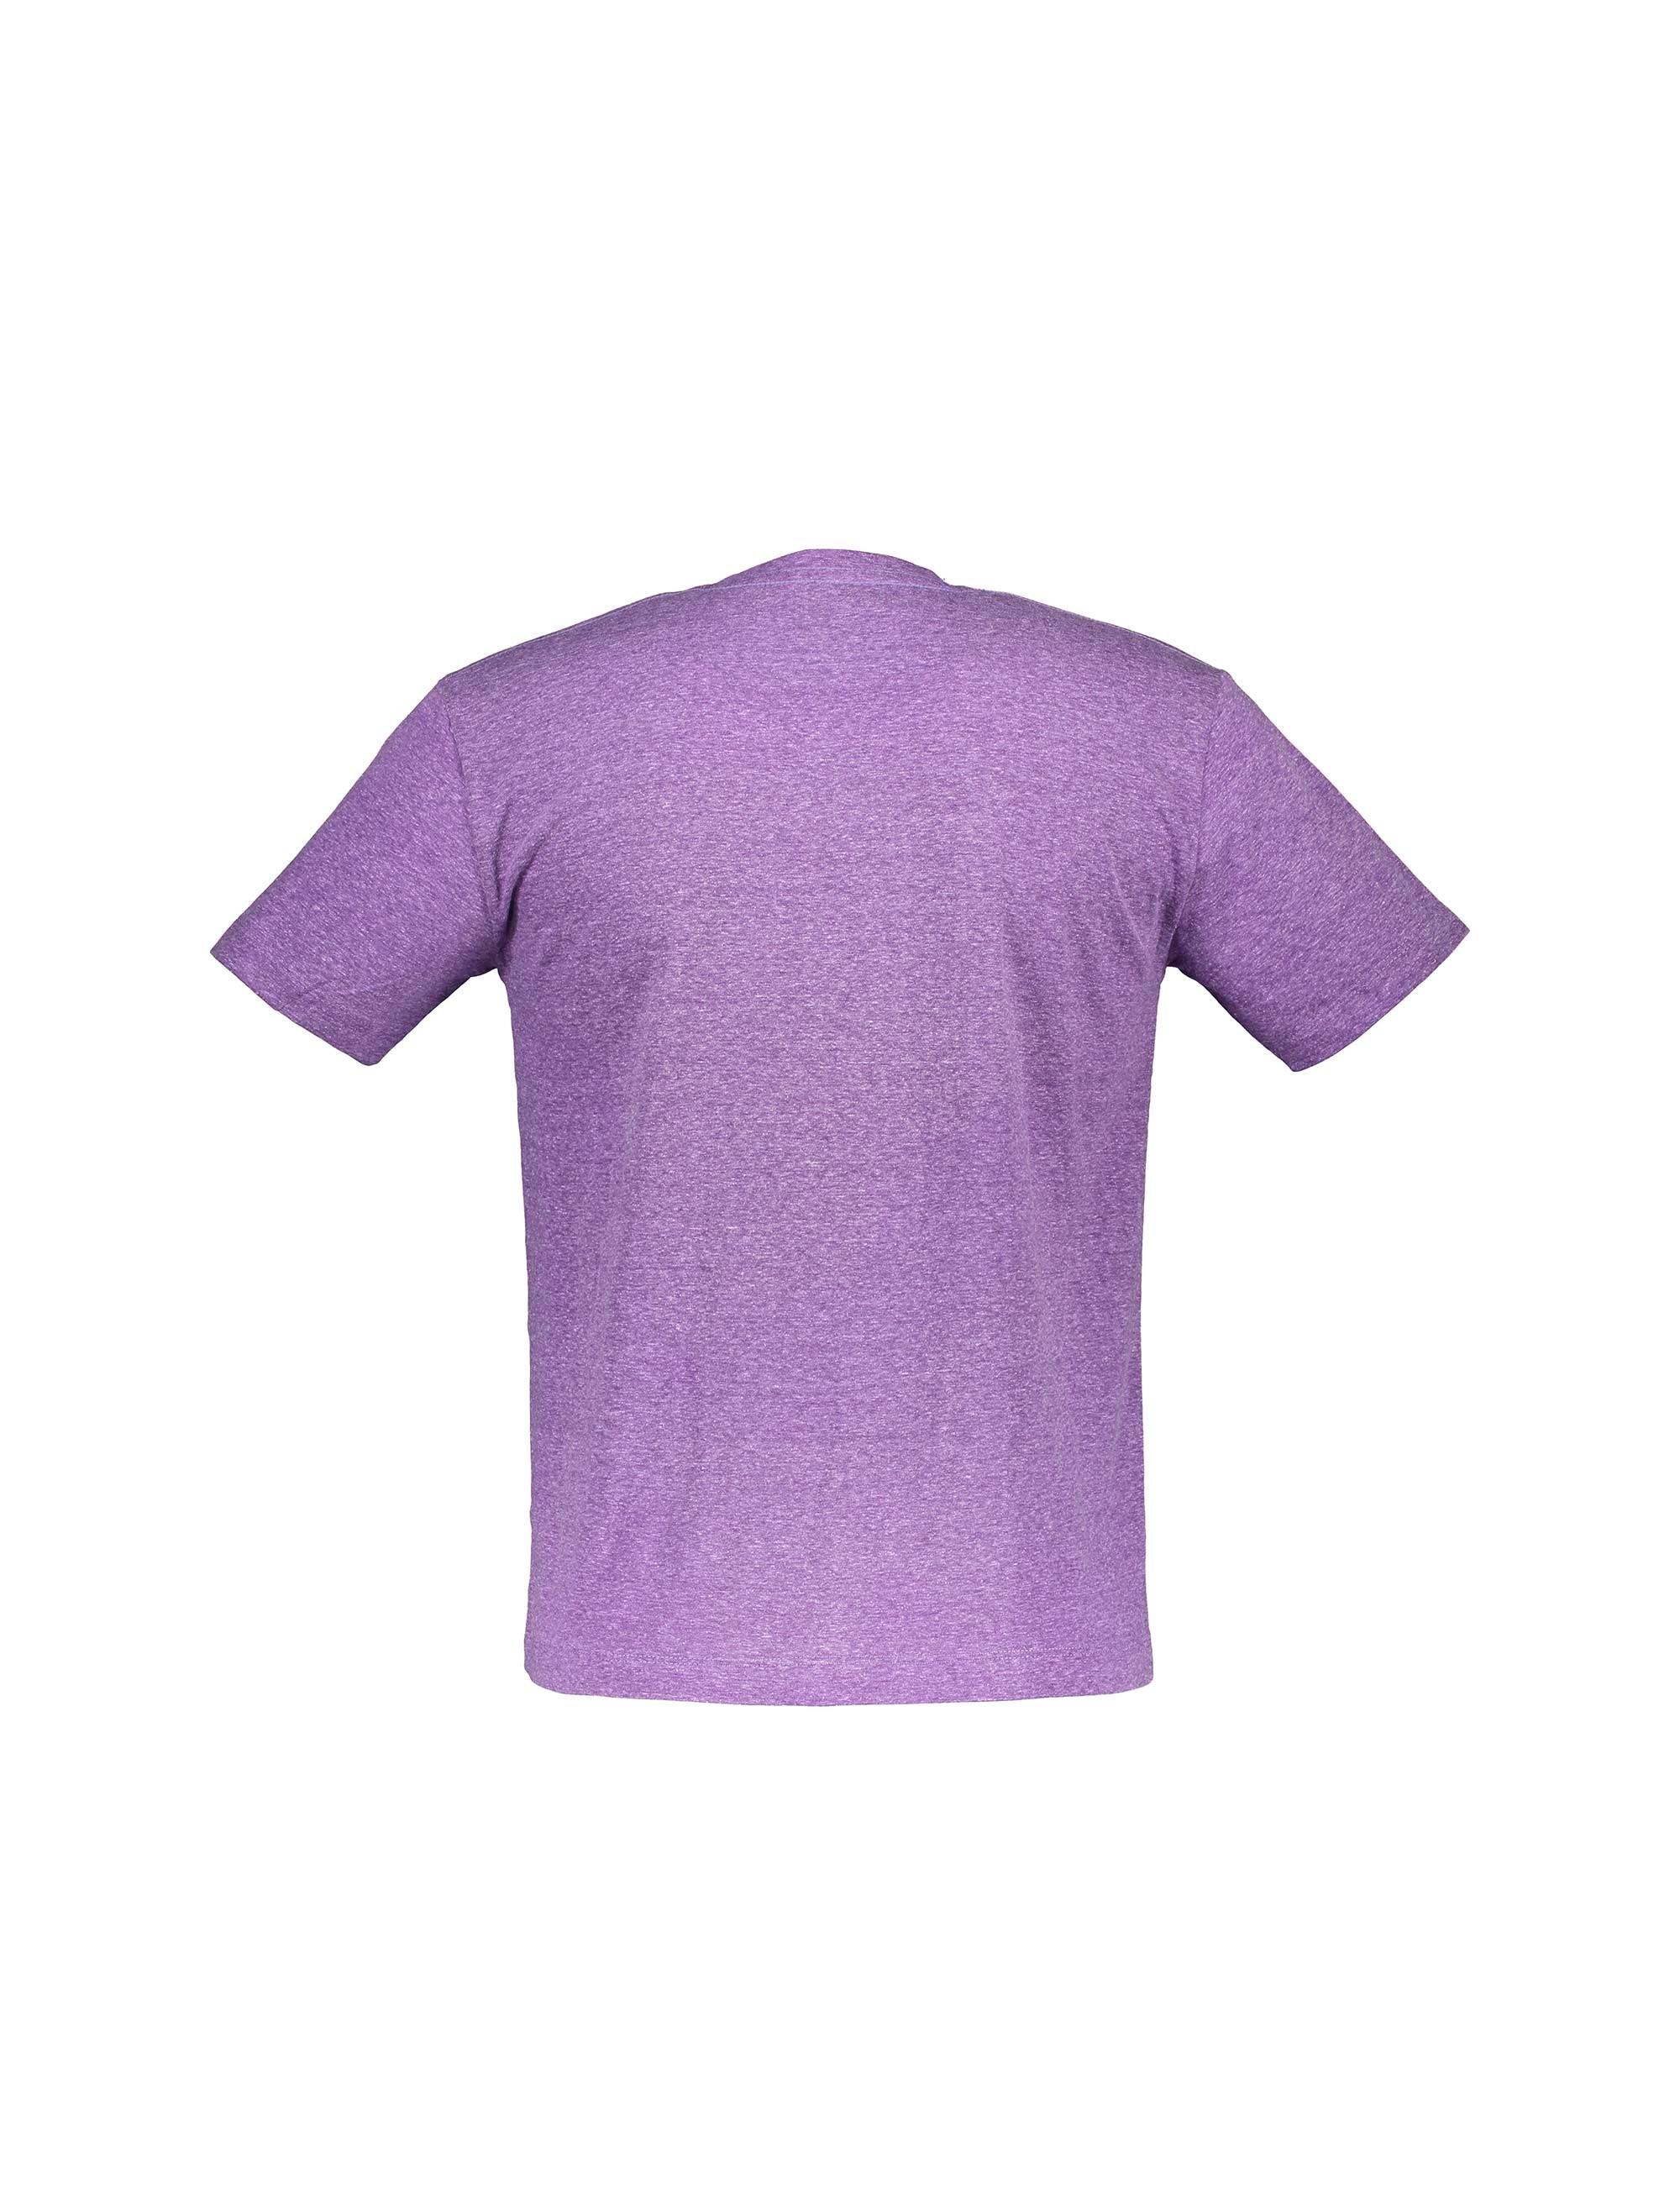 تی شرت یقه گرد مردانه - قرمز - 2